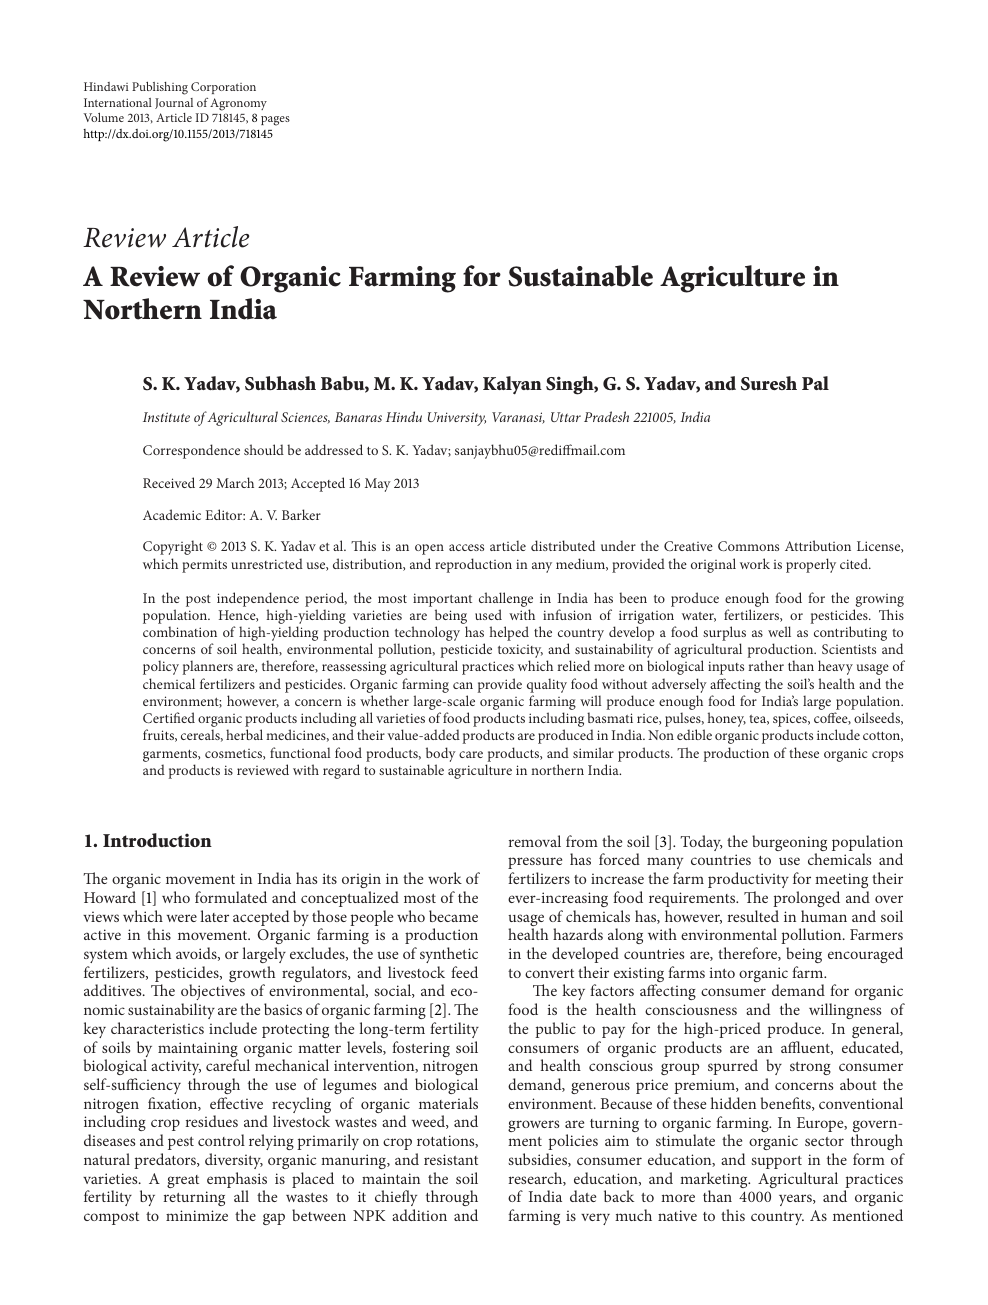 organic farming uttar pradesh